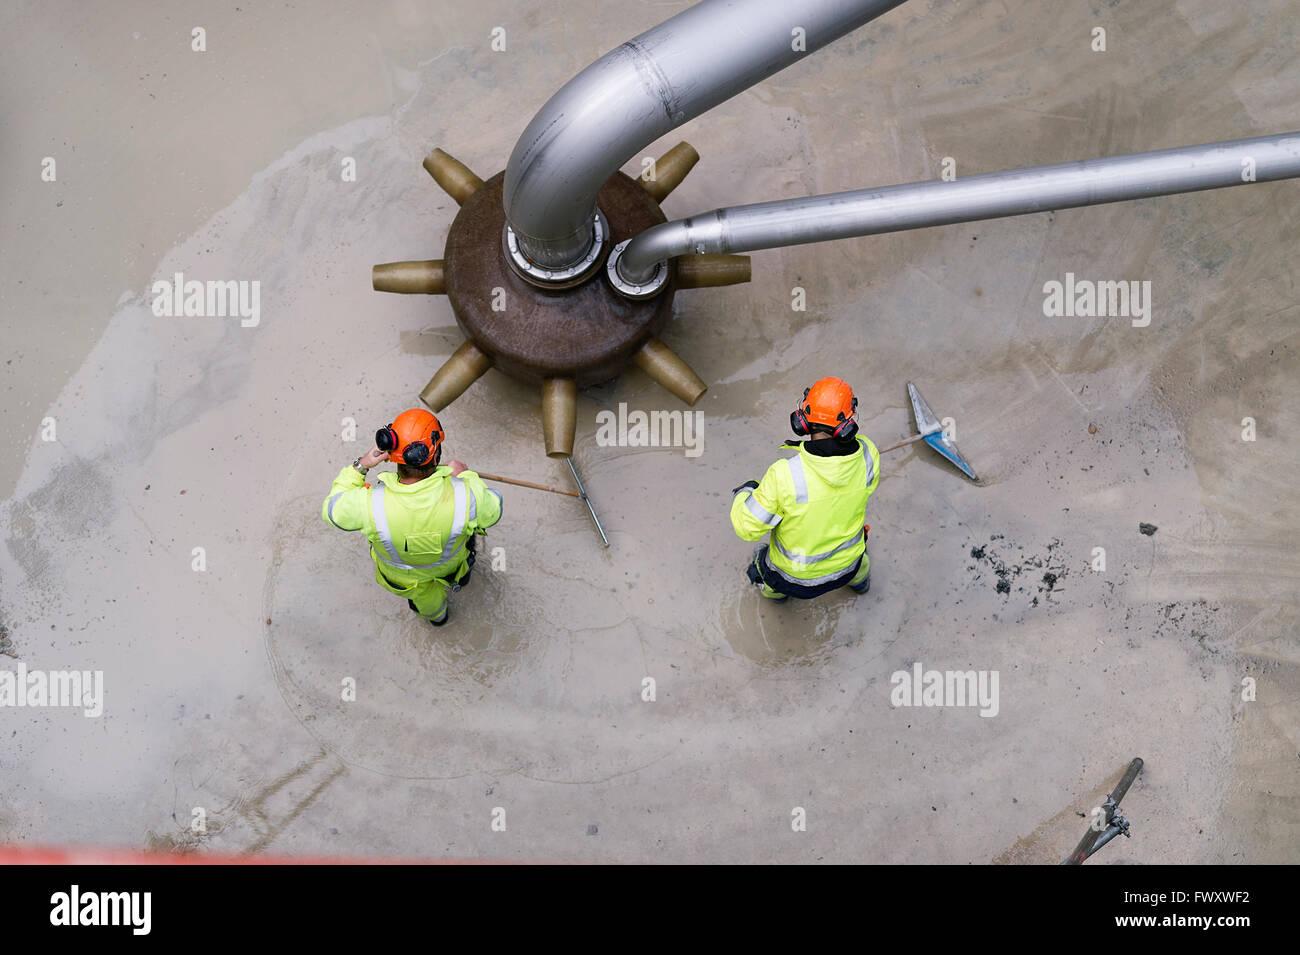 Schweden, Vastmanland, zwei Männer arbeiten an einer Wasseraufbereitungsanlage Stockbild